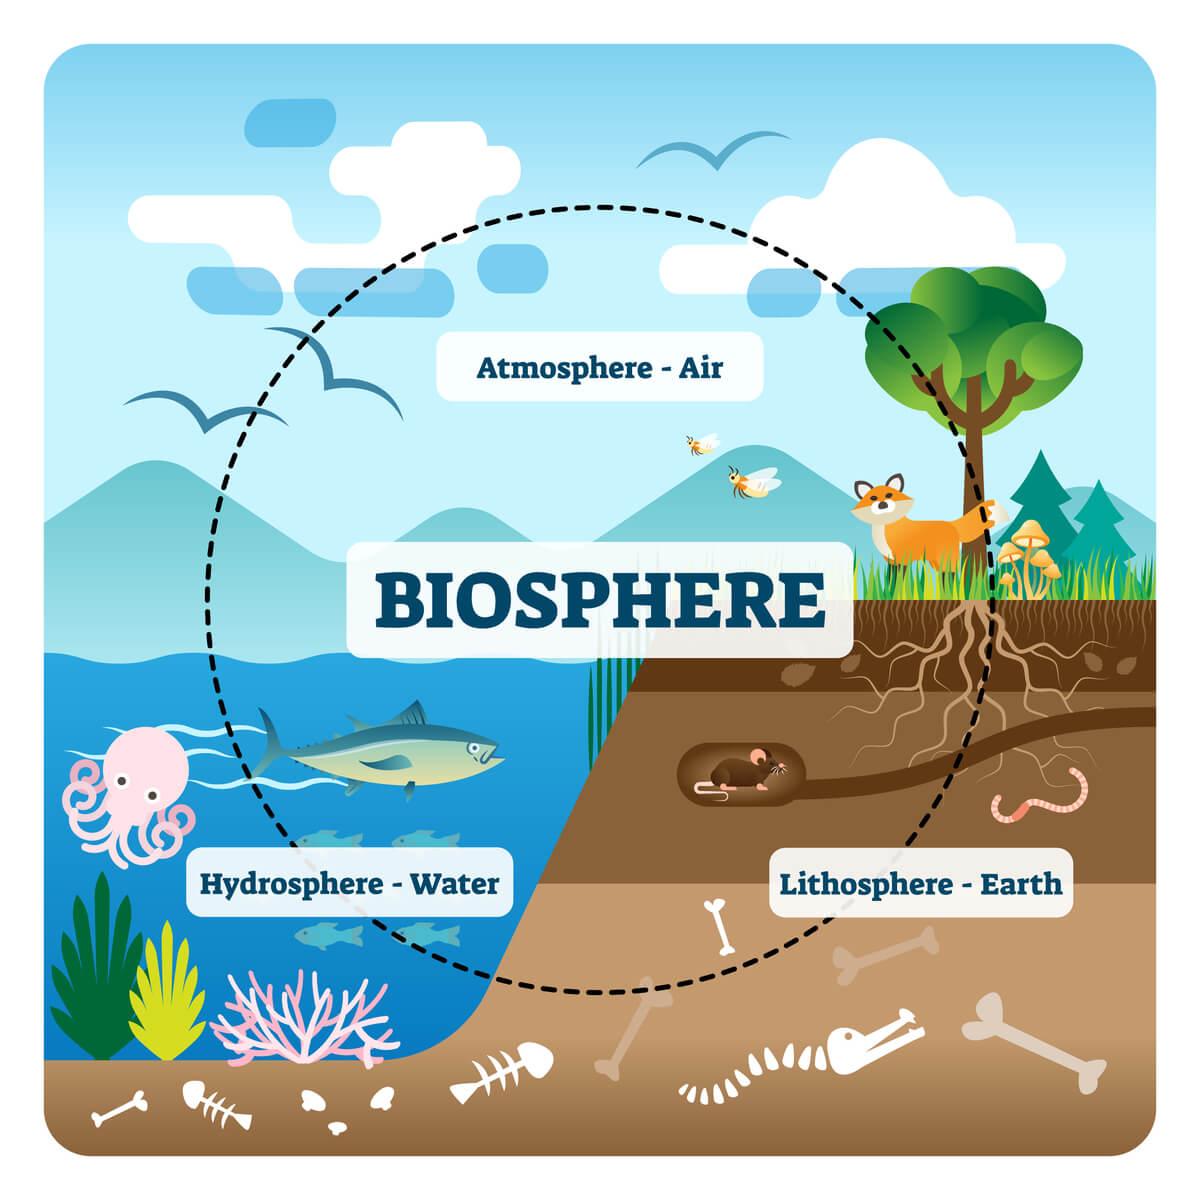 La productividad de los ecosistemas